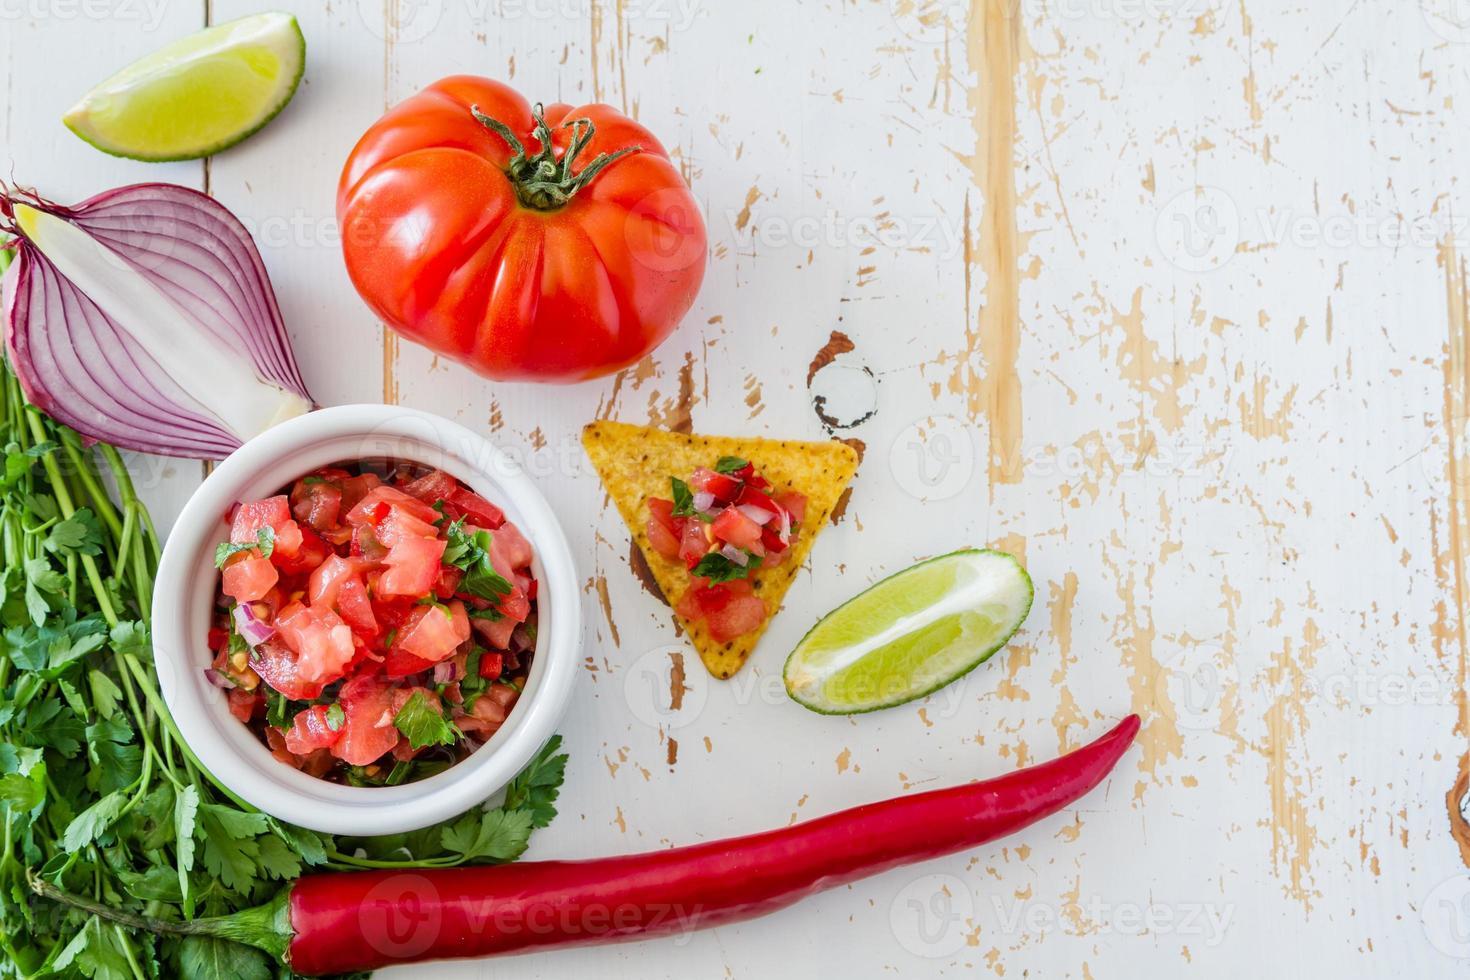 molho de salsa e ingredientes - tomate, pimenta, cebola, limão, salsa foto